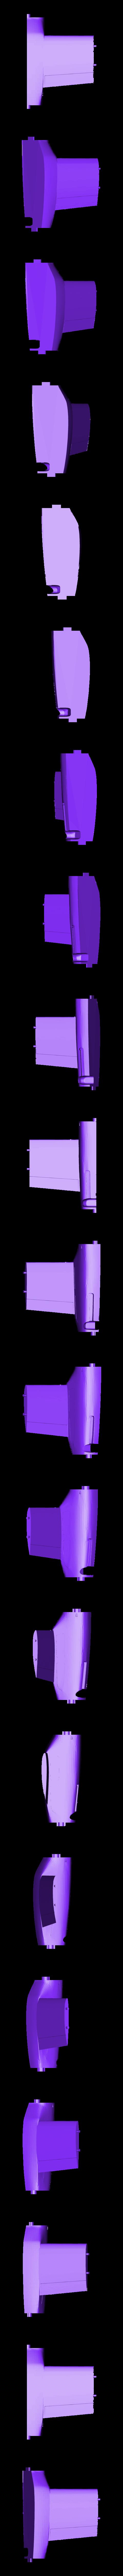 FuselagemD.stl Download STL file Cessna 210 • Model to 3D print, Eduardohbm